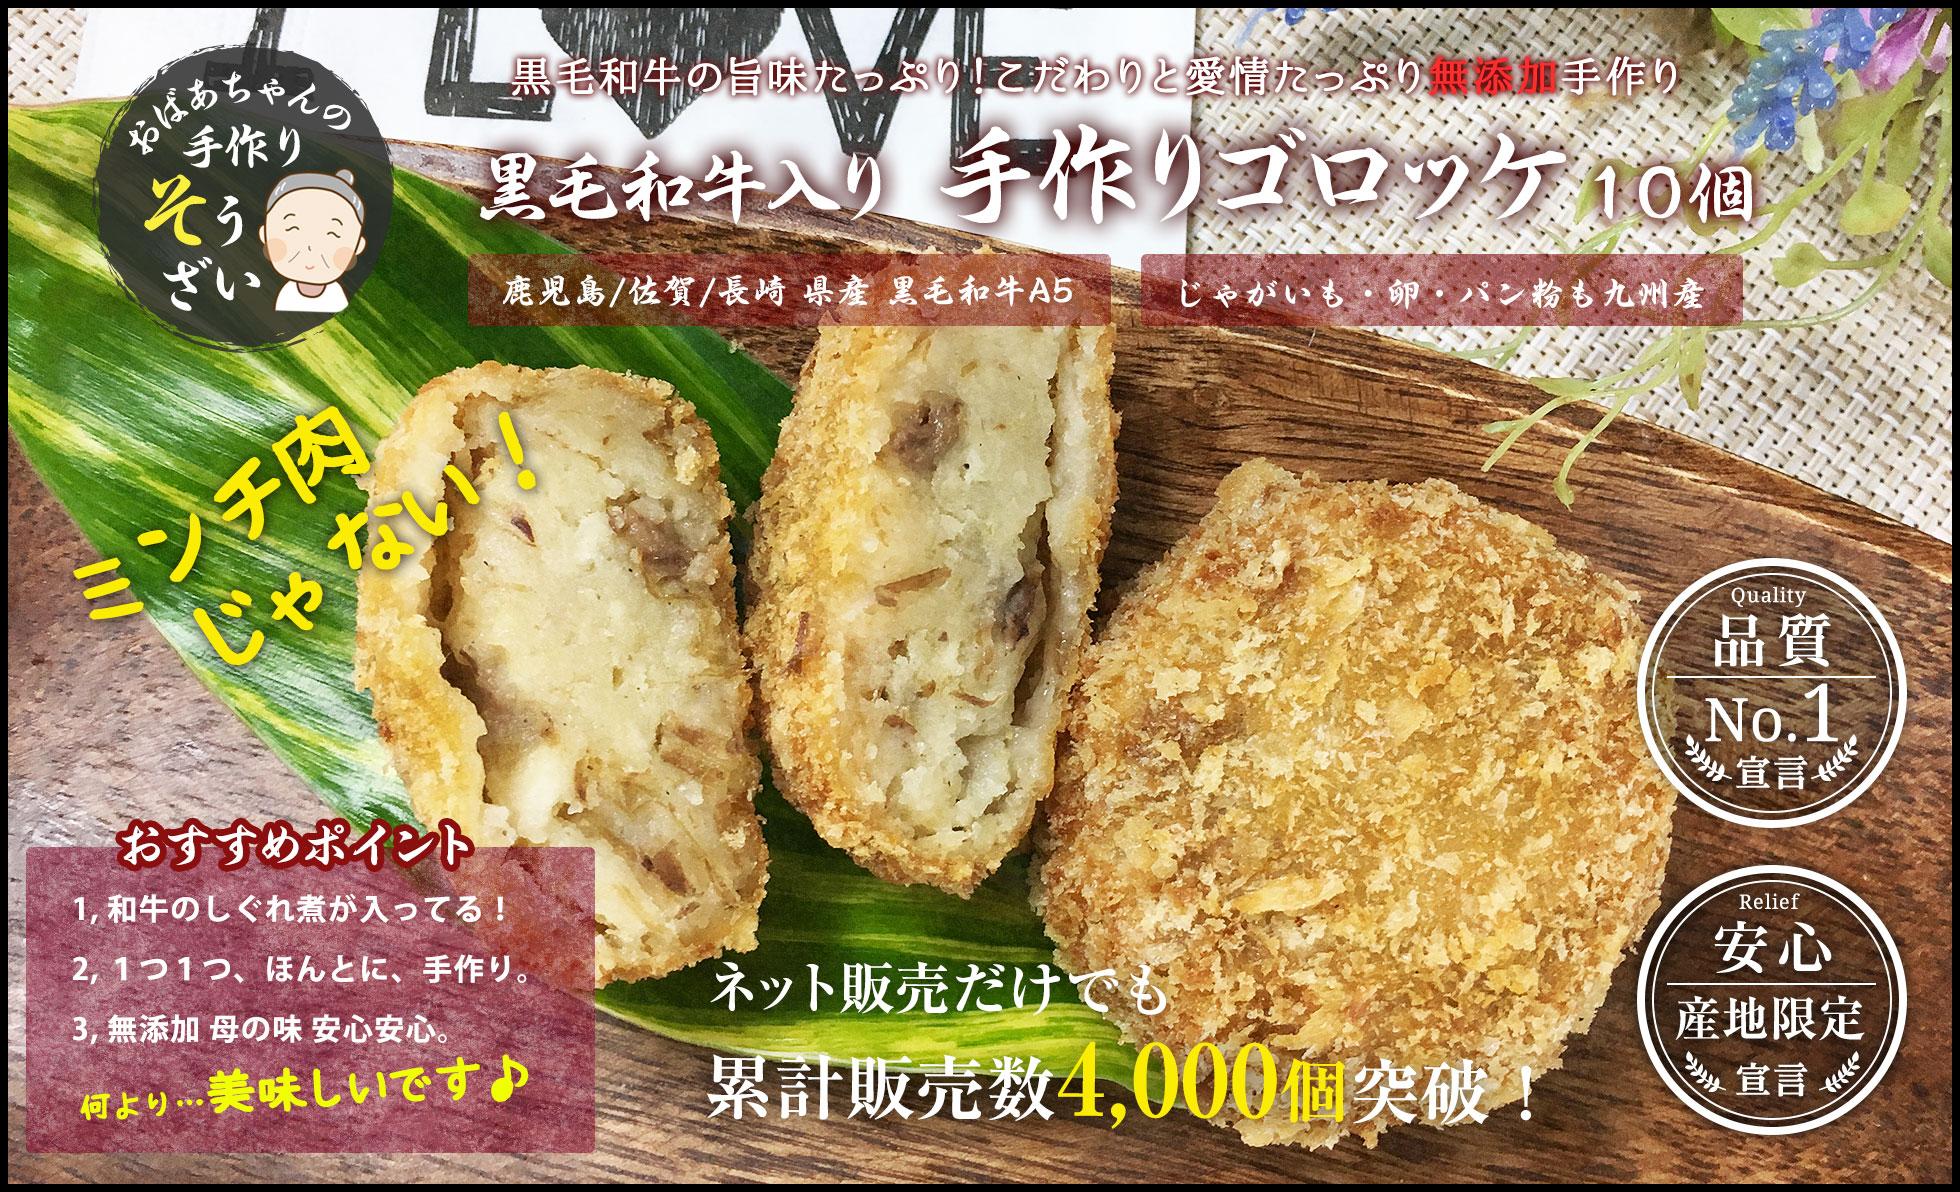 九州産黒毛和牛A5ランク しぐれ煮 九州産野菜 コロッケ 手作り惣菜 総菜 通販 和牛ゴロッケ